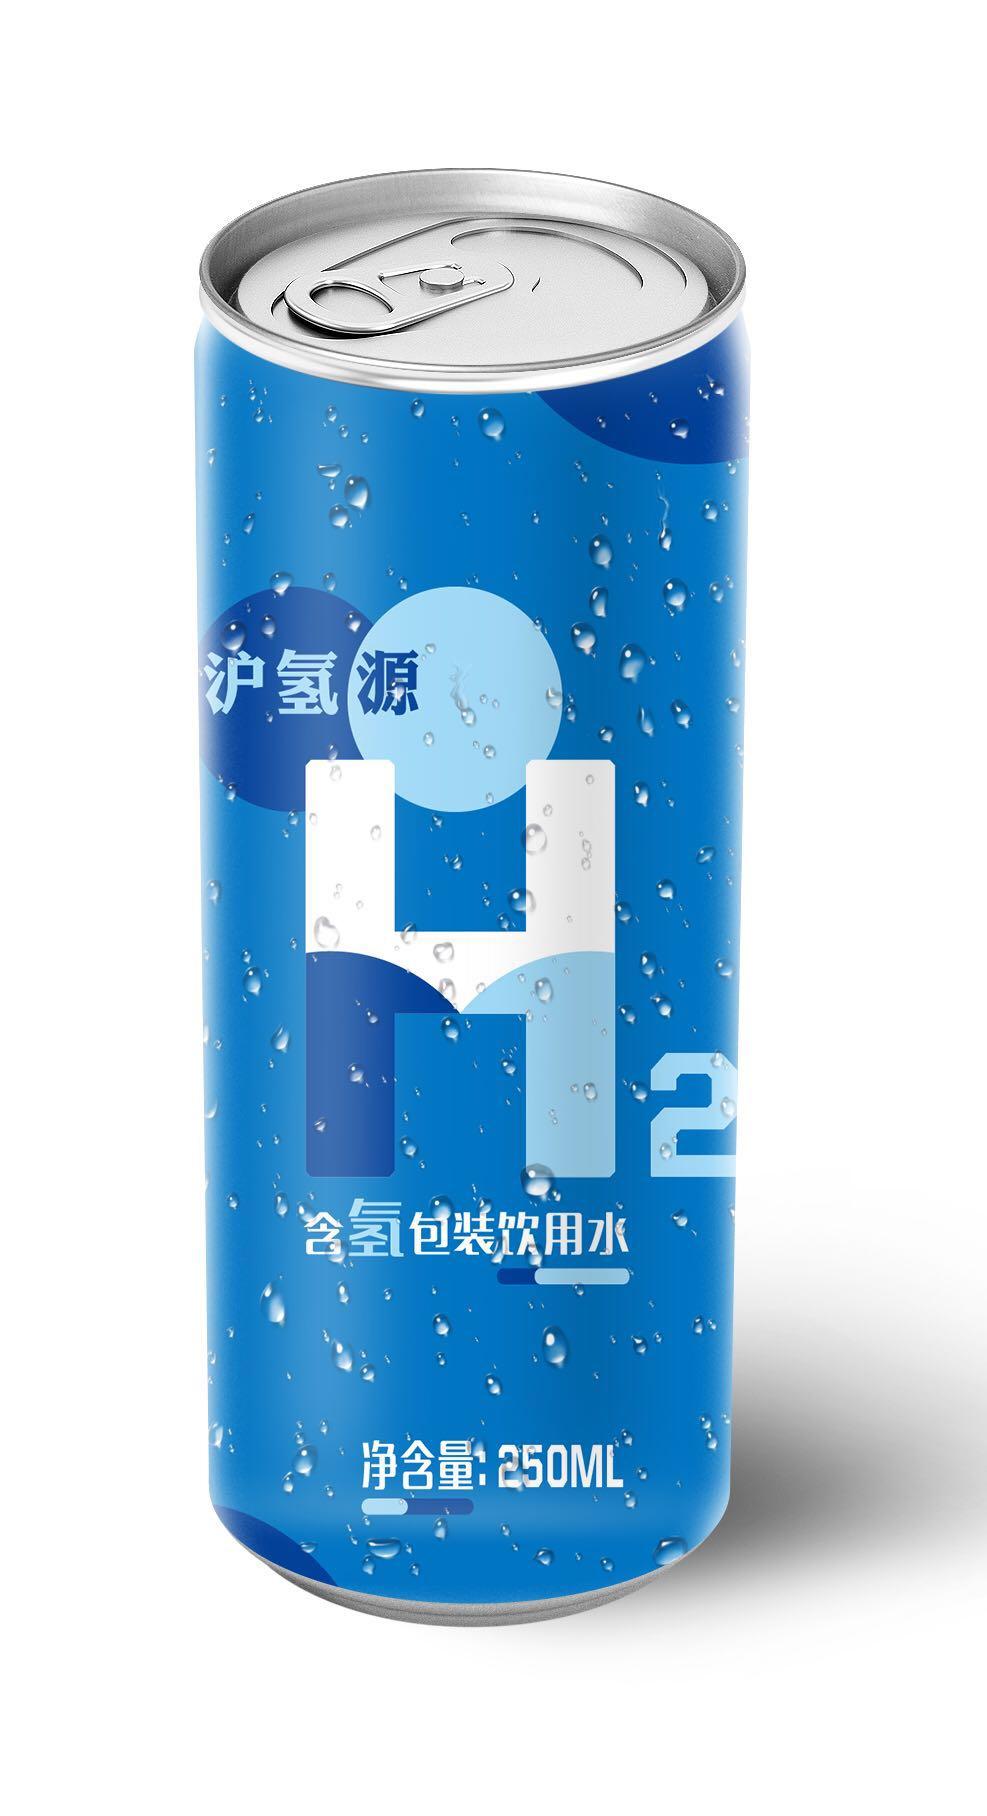 含氢包装饮用水